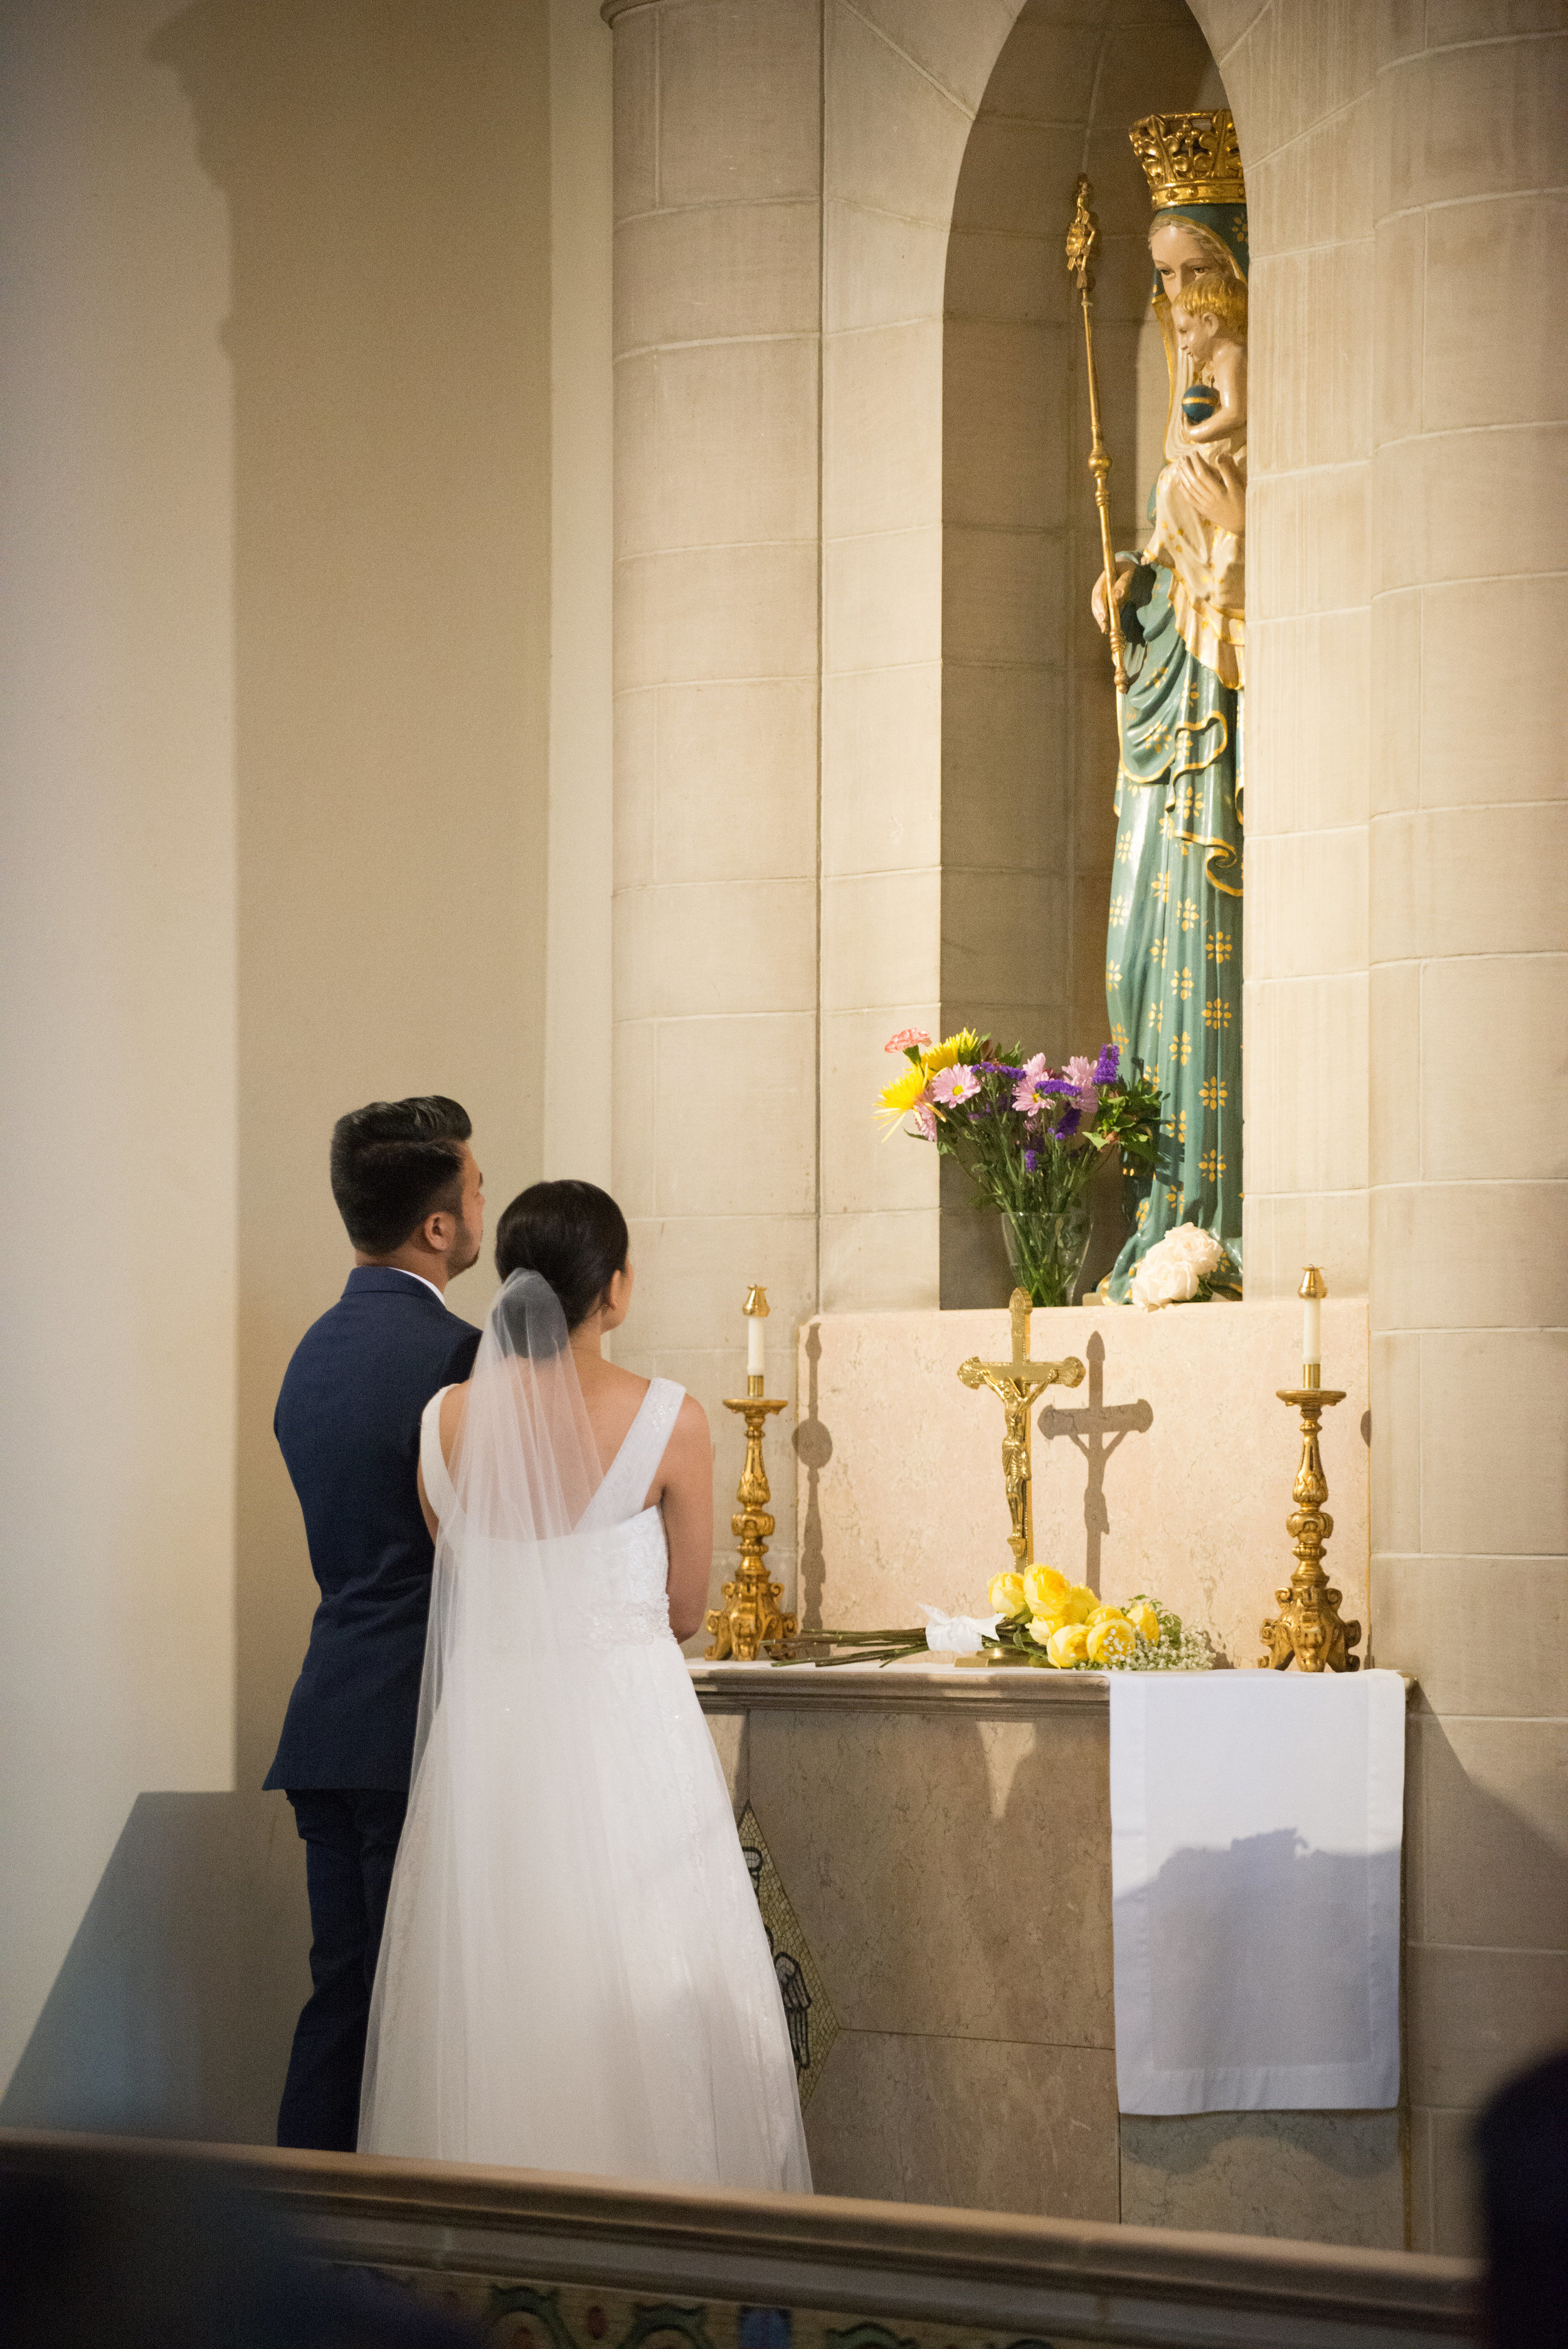 摄影师:艾薇·威廉姆斯,在《婚礼时报》,向克莱尔求婚